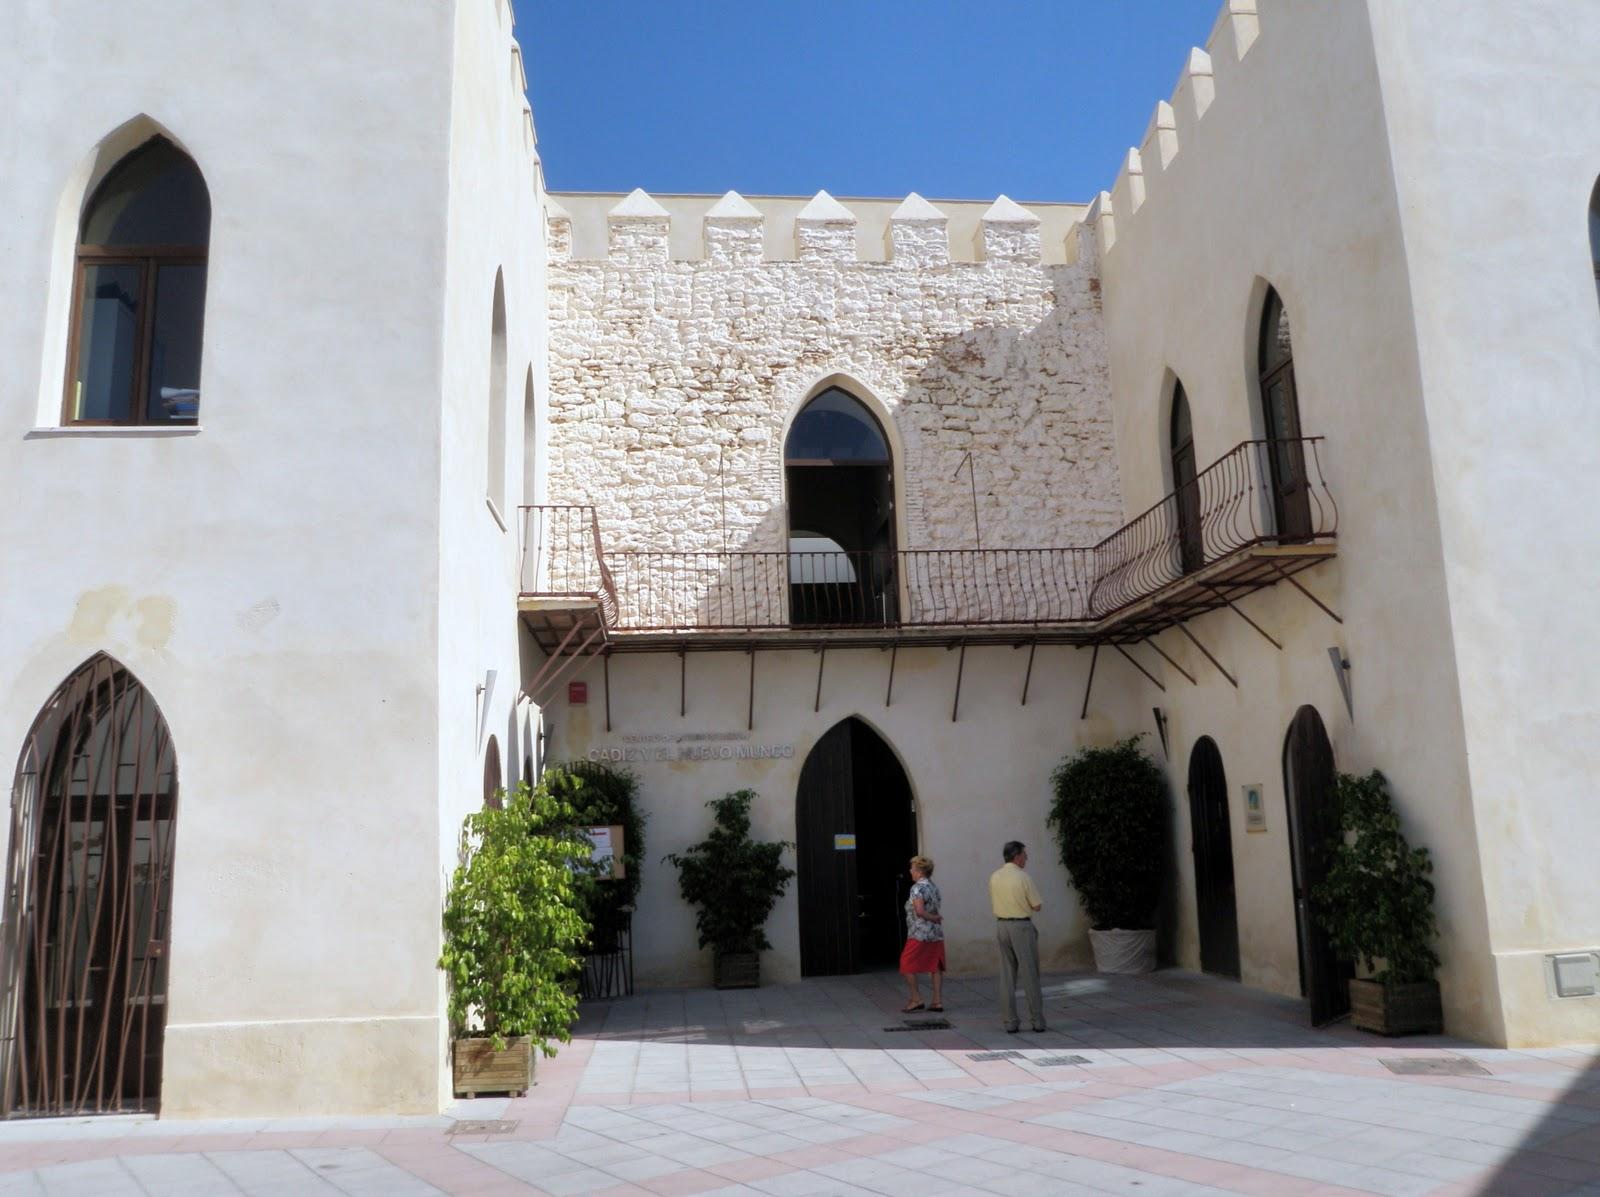 Otros atribuyen la construcción del Castillo al Conde de Arcos. No se sabe a ciencia cierta si se construyó de nueva planta o sobre los restos de un antiguo